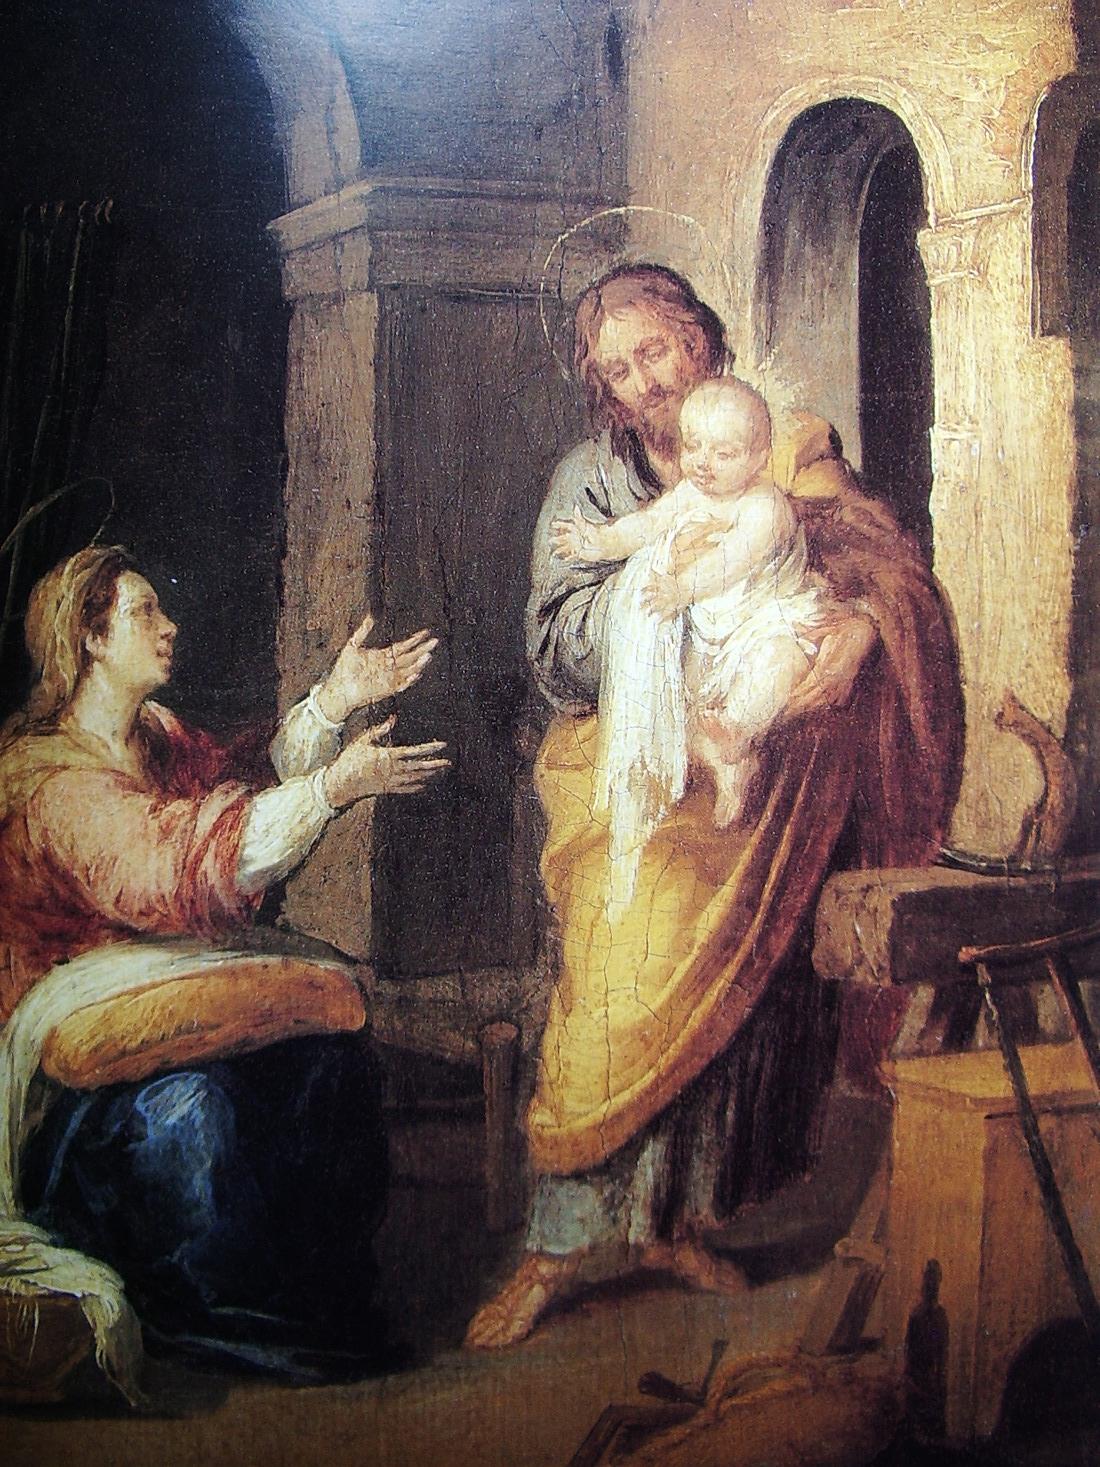 san jose krouillong comunion en la mano es sacrilegio 7